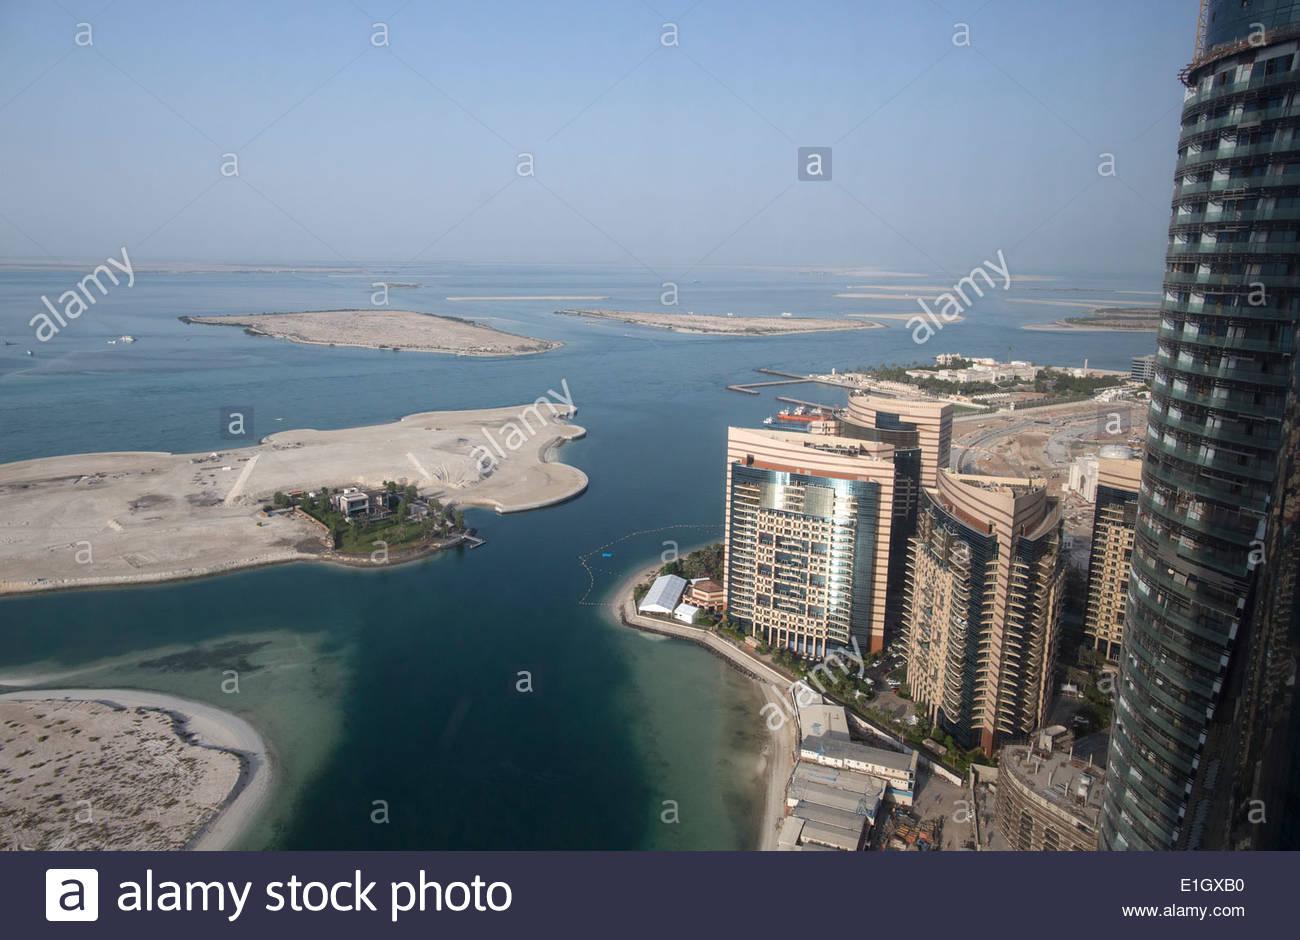 View of Abu Dhabi, United Arab Emirates - Stock Image